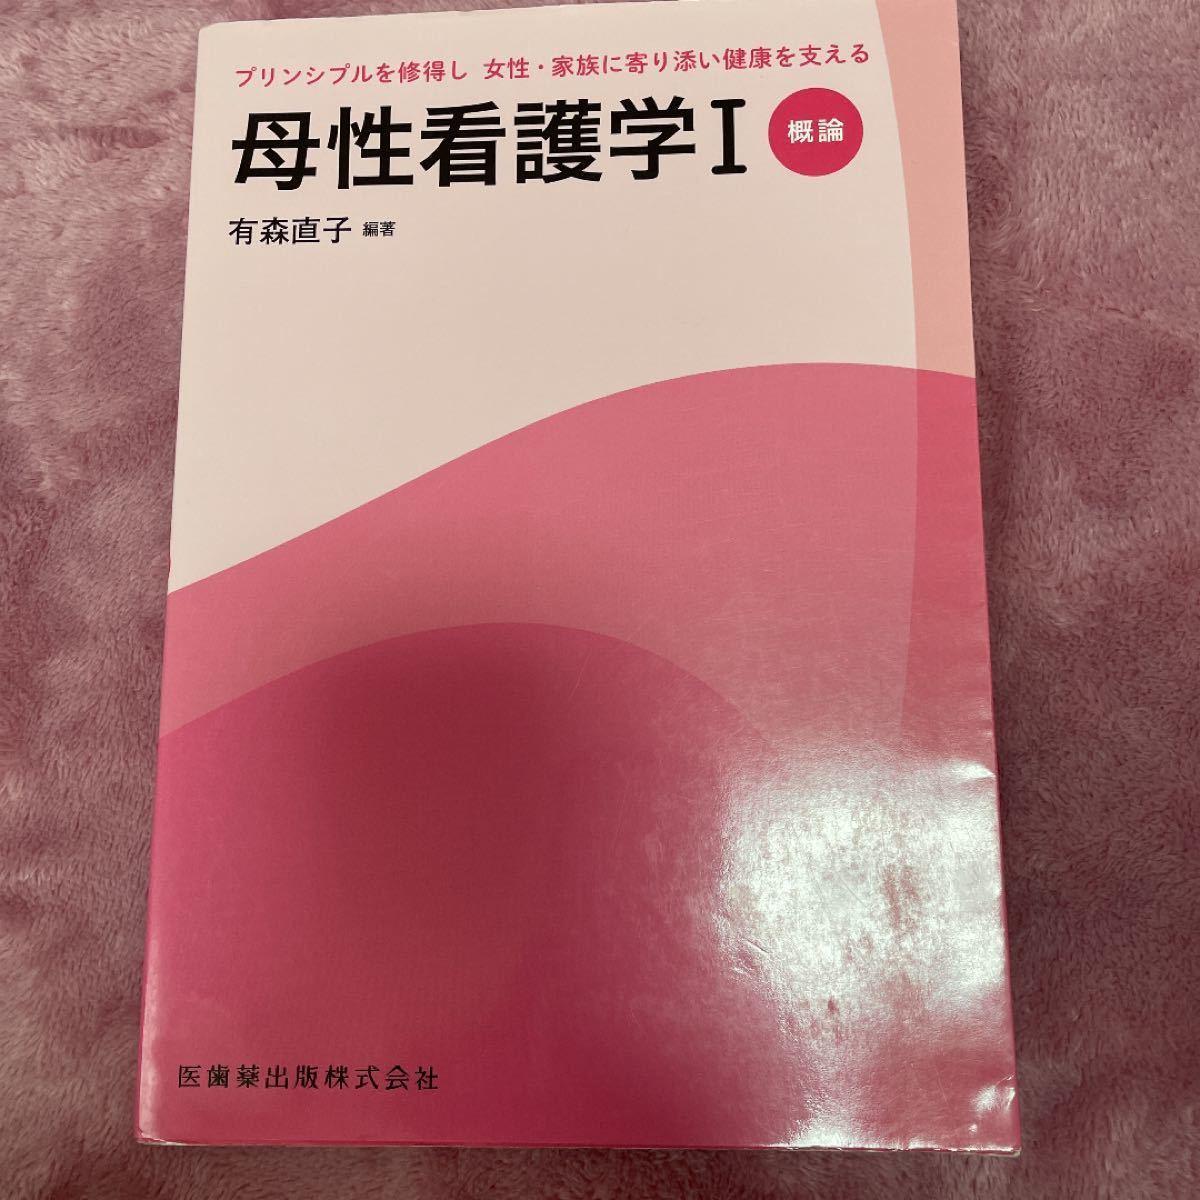 母性看護学 (I) 有森直子 (著者)